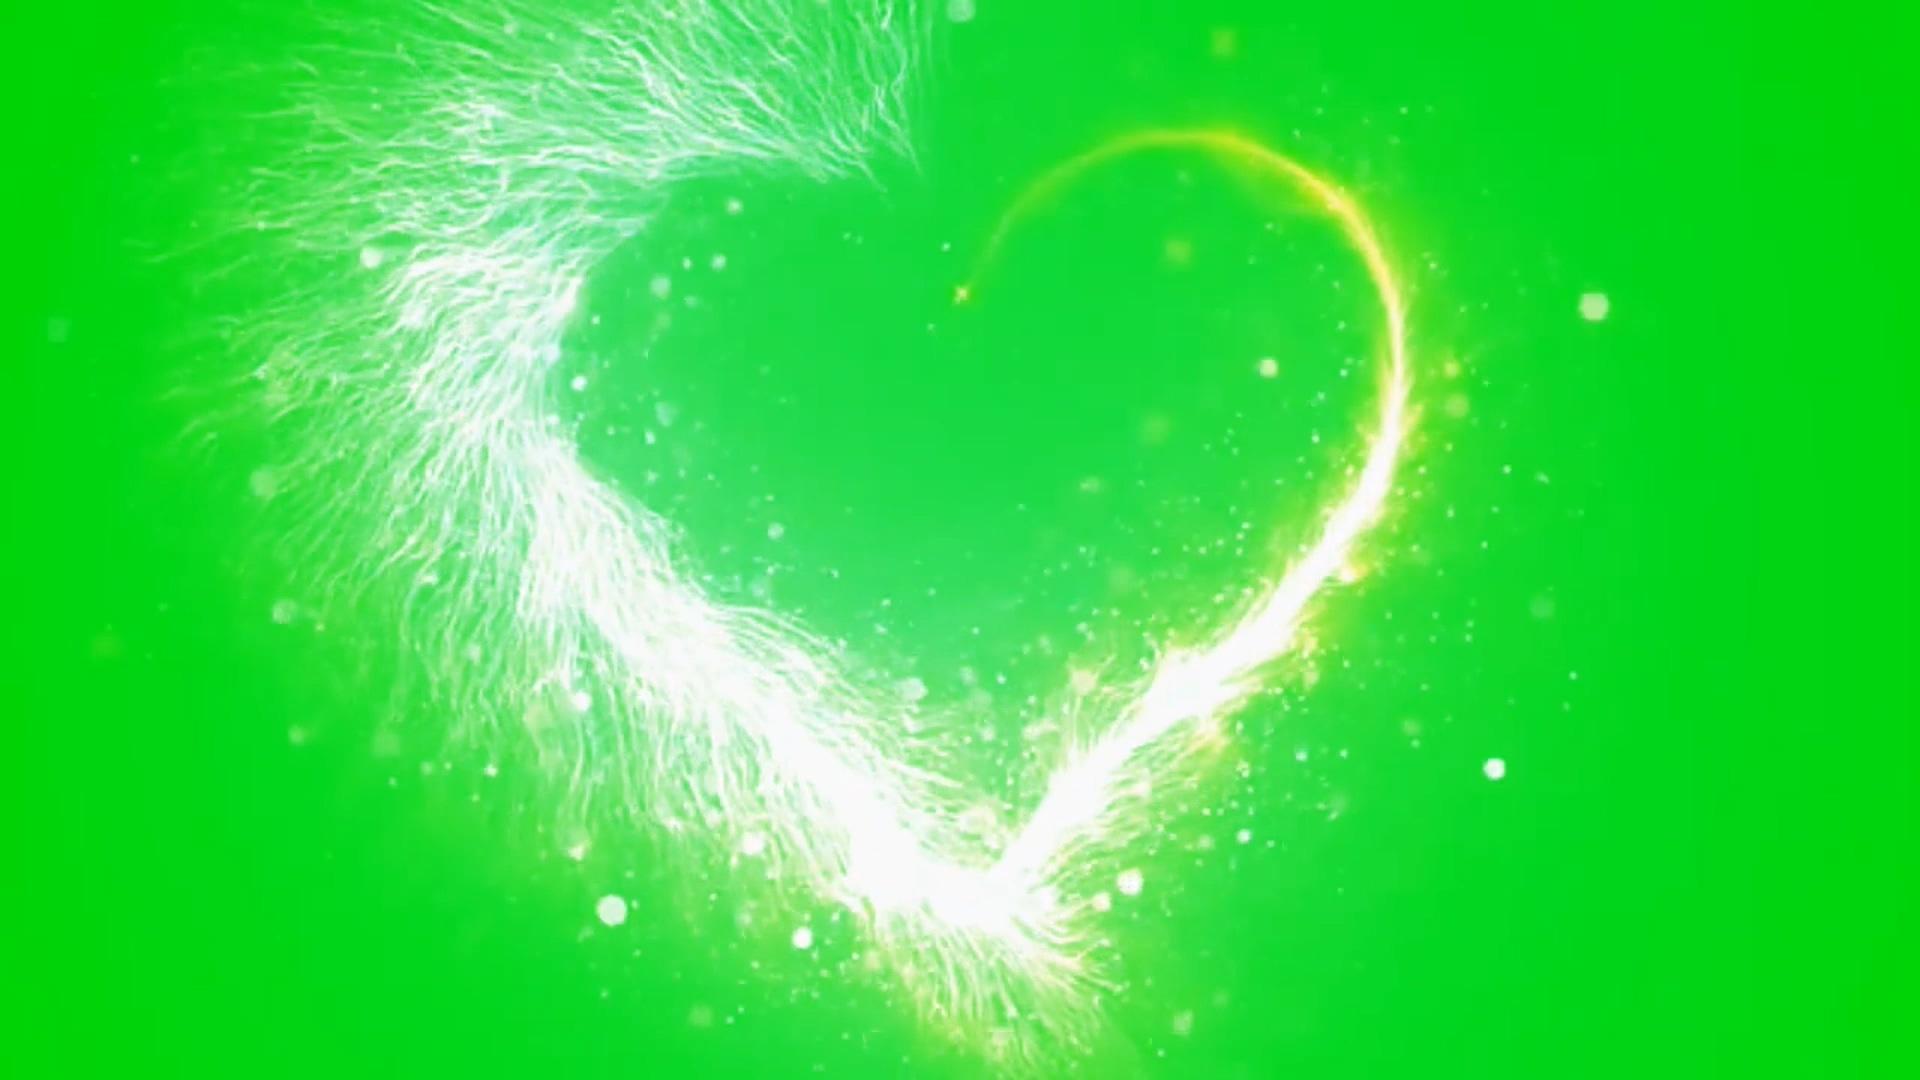 粒子心形绿幕素材